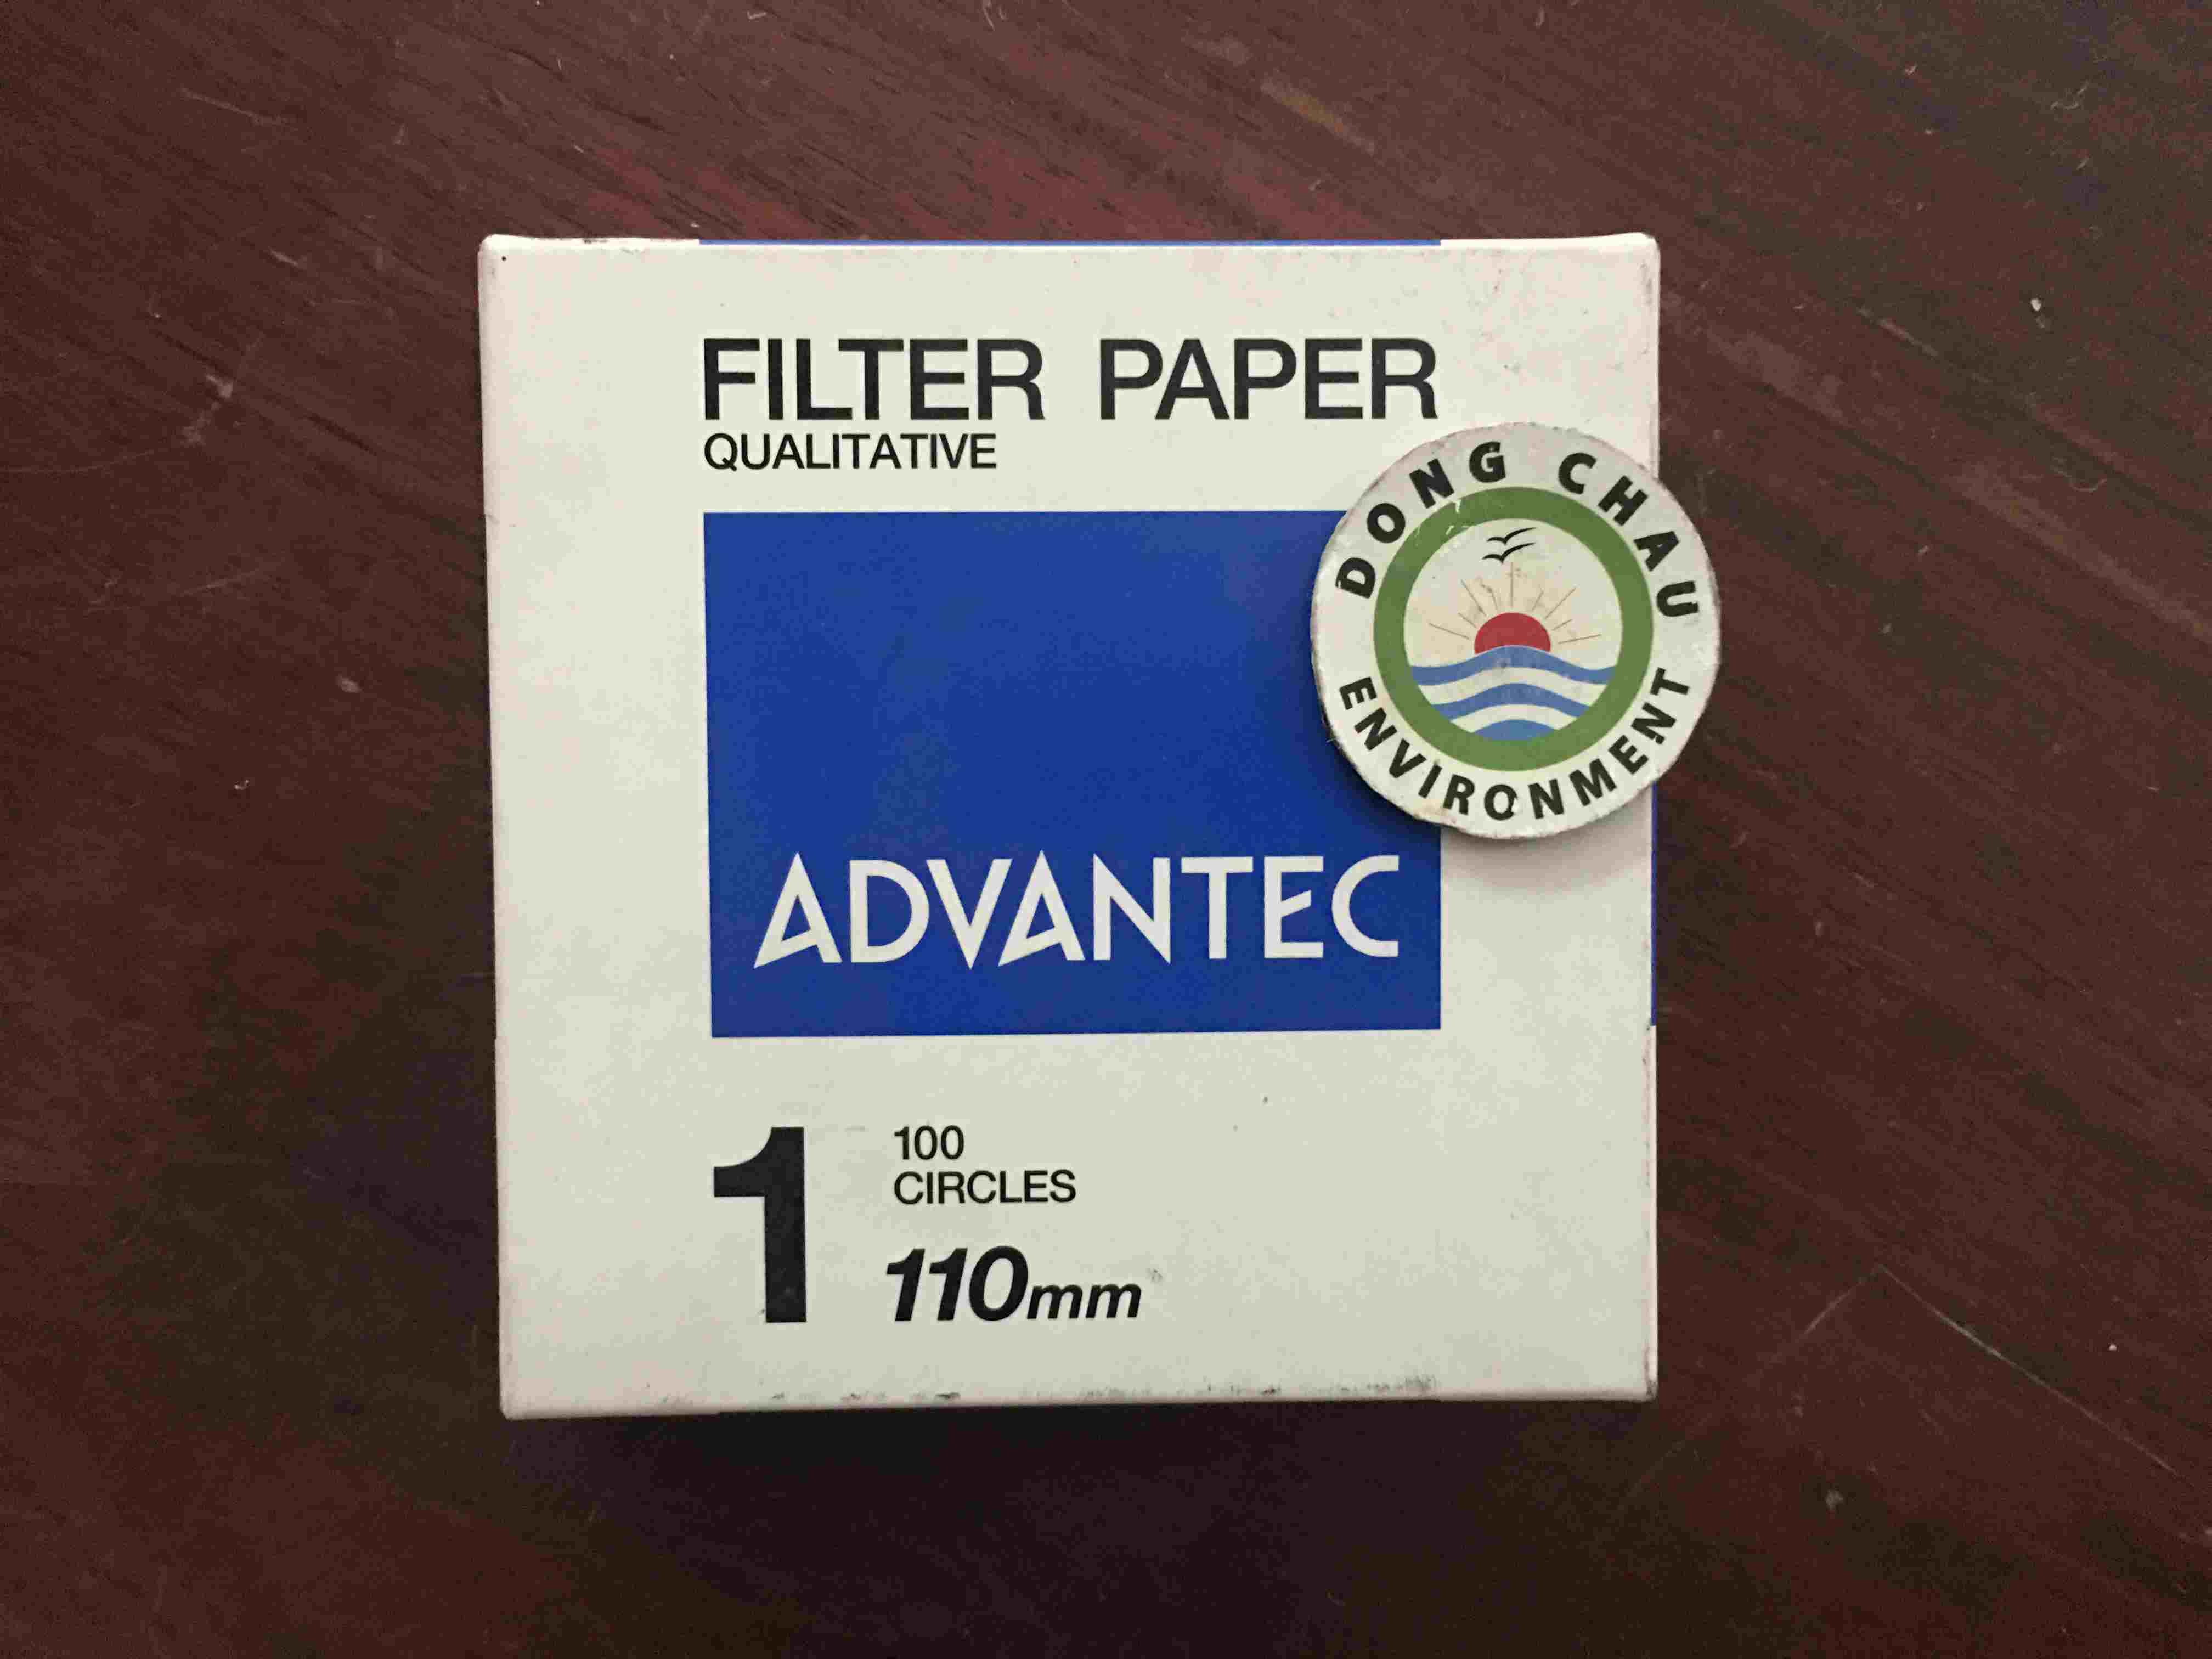 Giấy Lọc Phòng Thí Nghiệm Advantec Số 1 Đường Kính 110mm